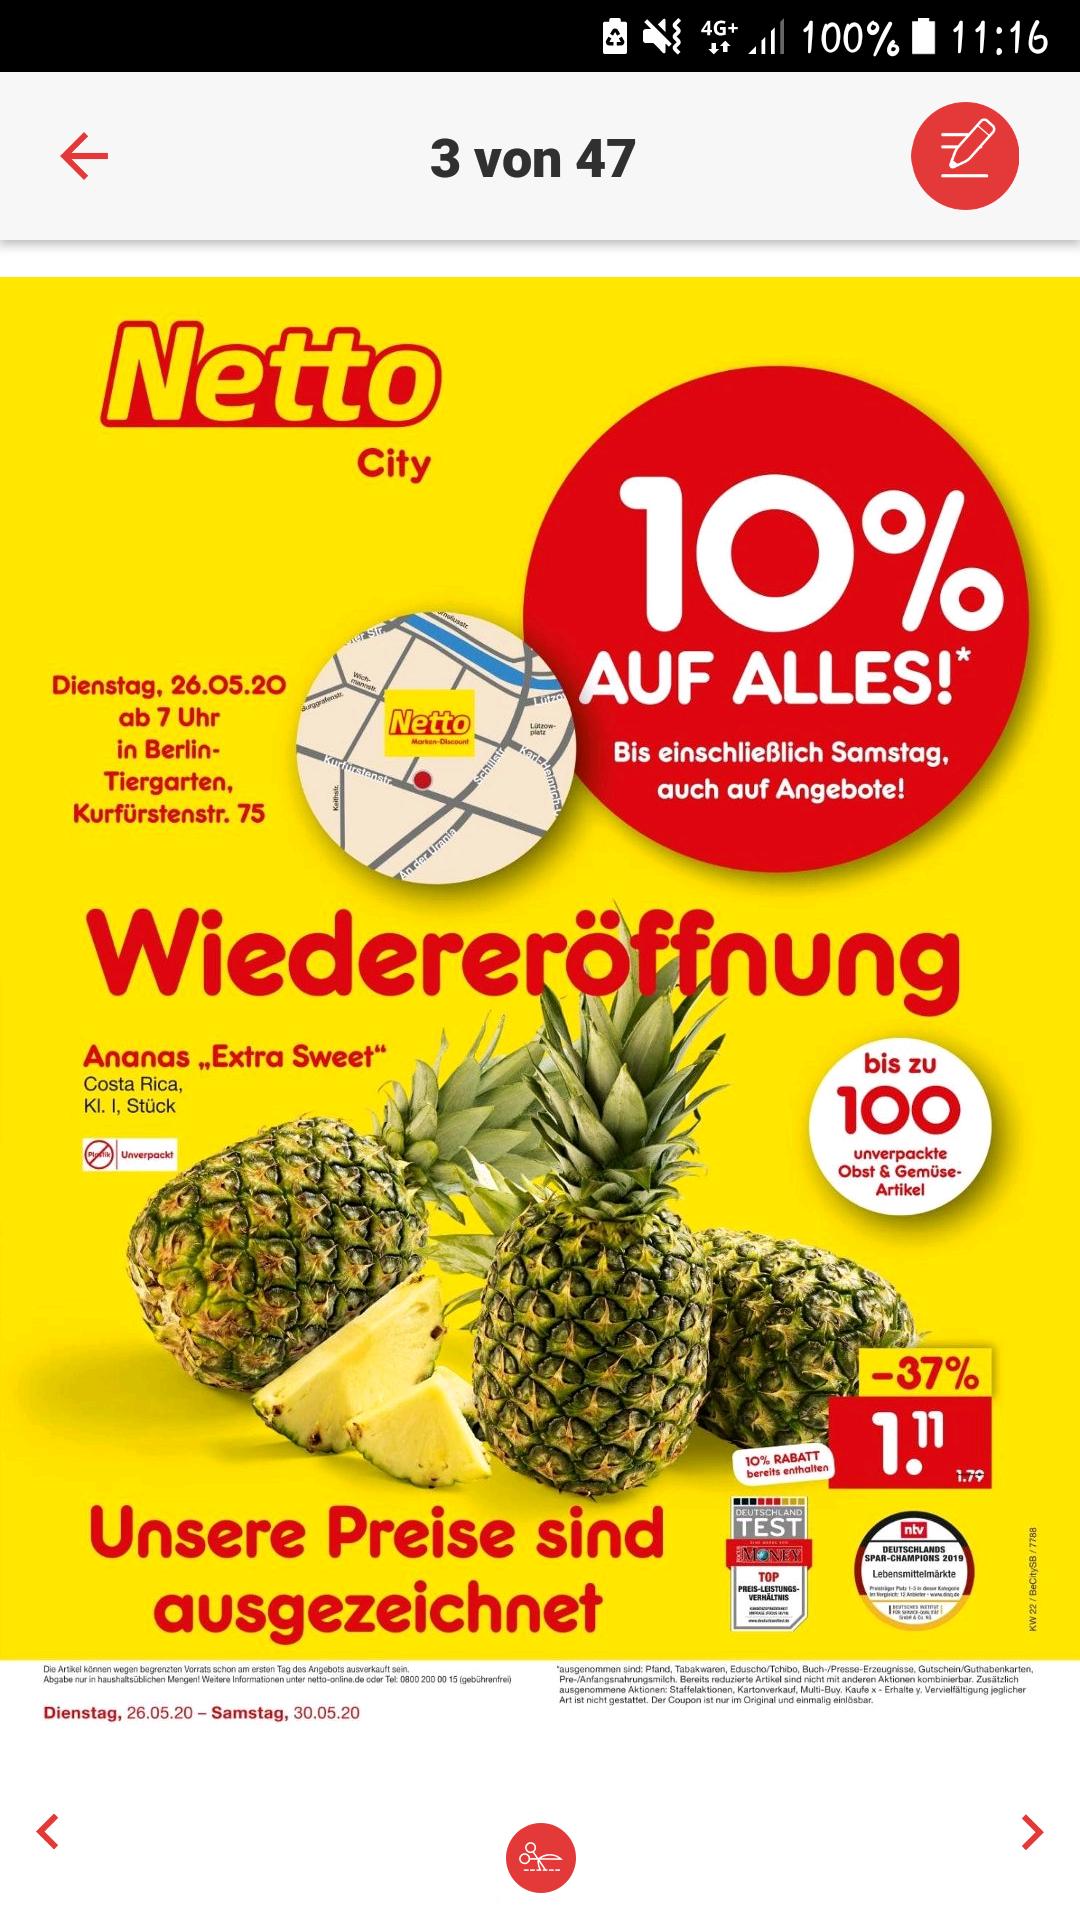 (Lokal Berlin Tiergarten) Netto Marken-Discount Wiedereröffnung 10% auf alles